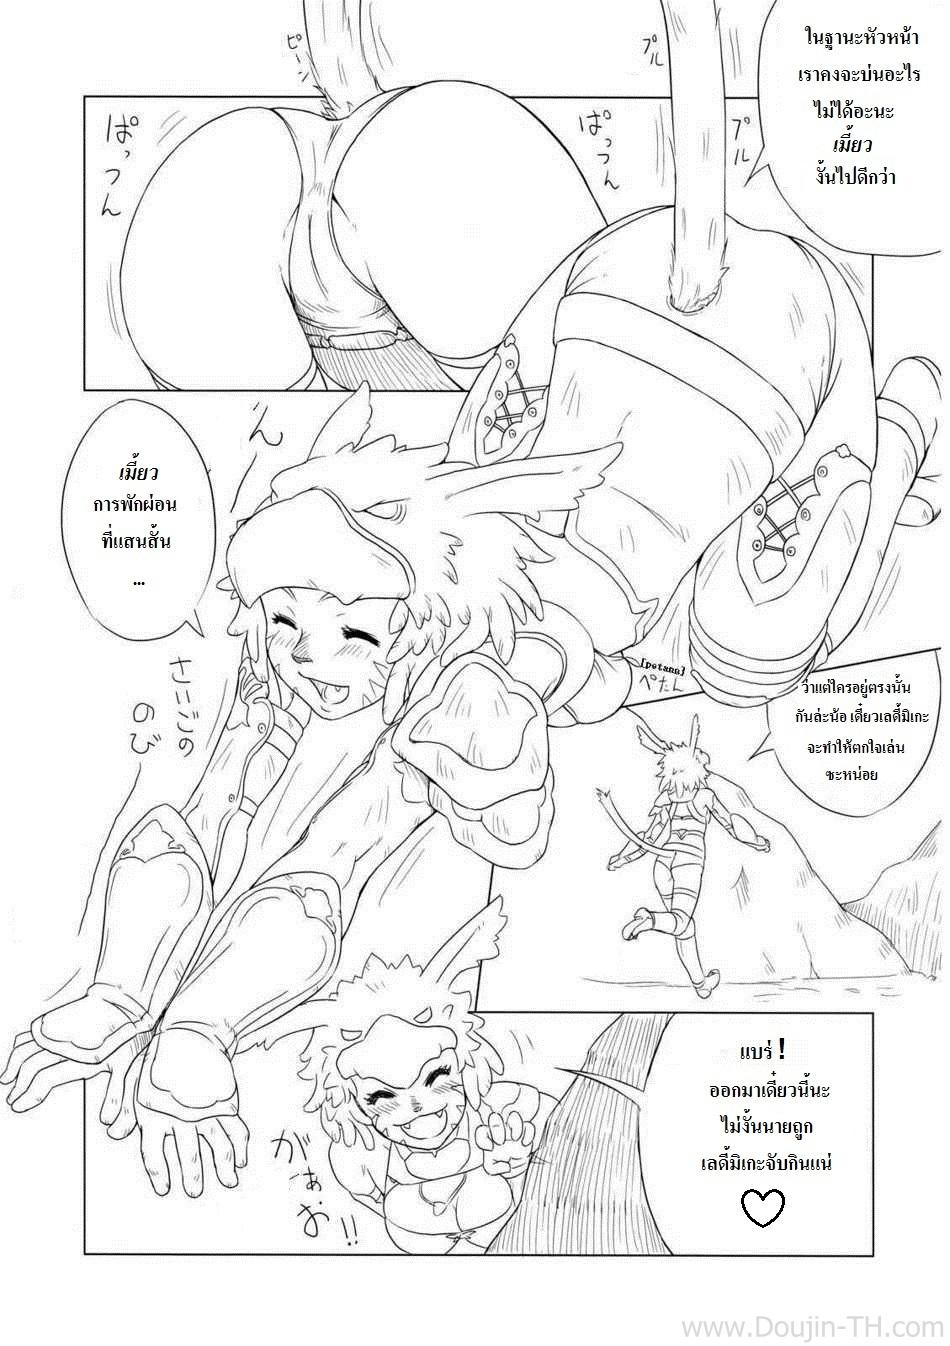 ออคป่ากินแมวน้อย - หน้า 4